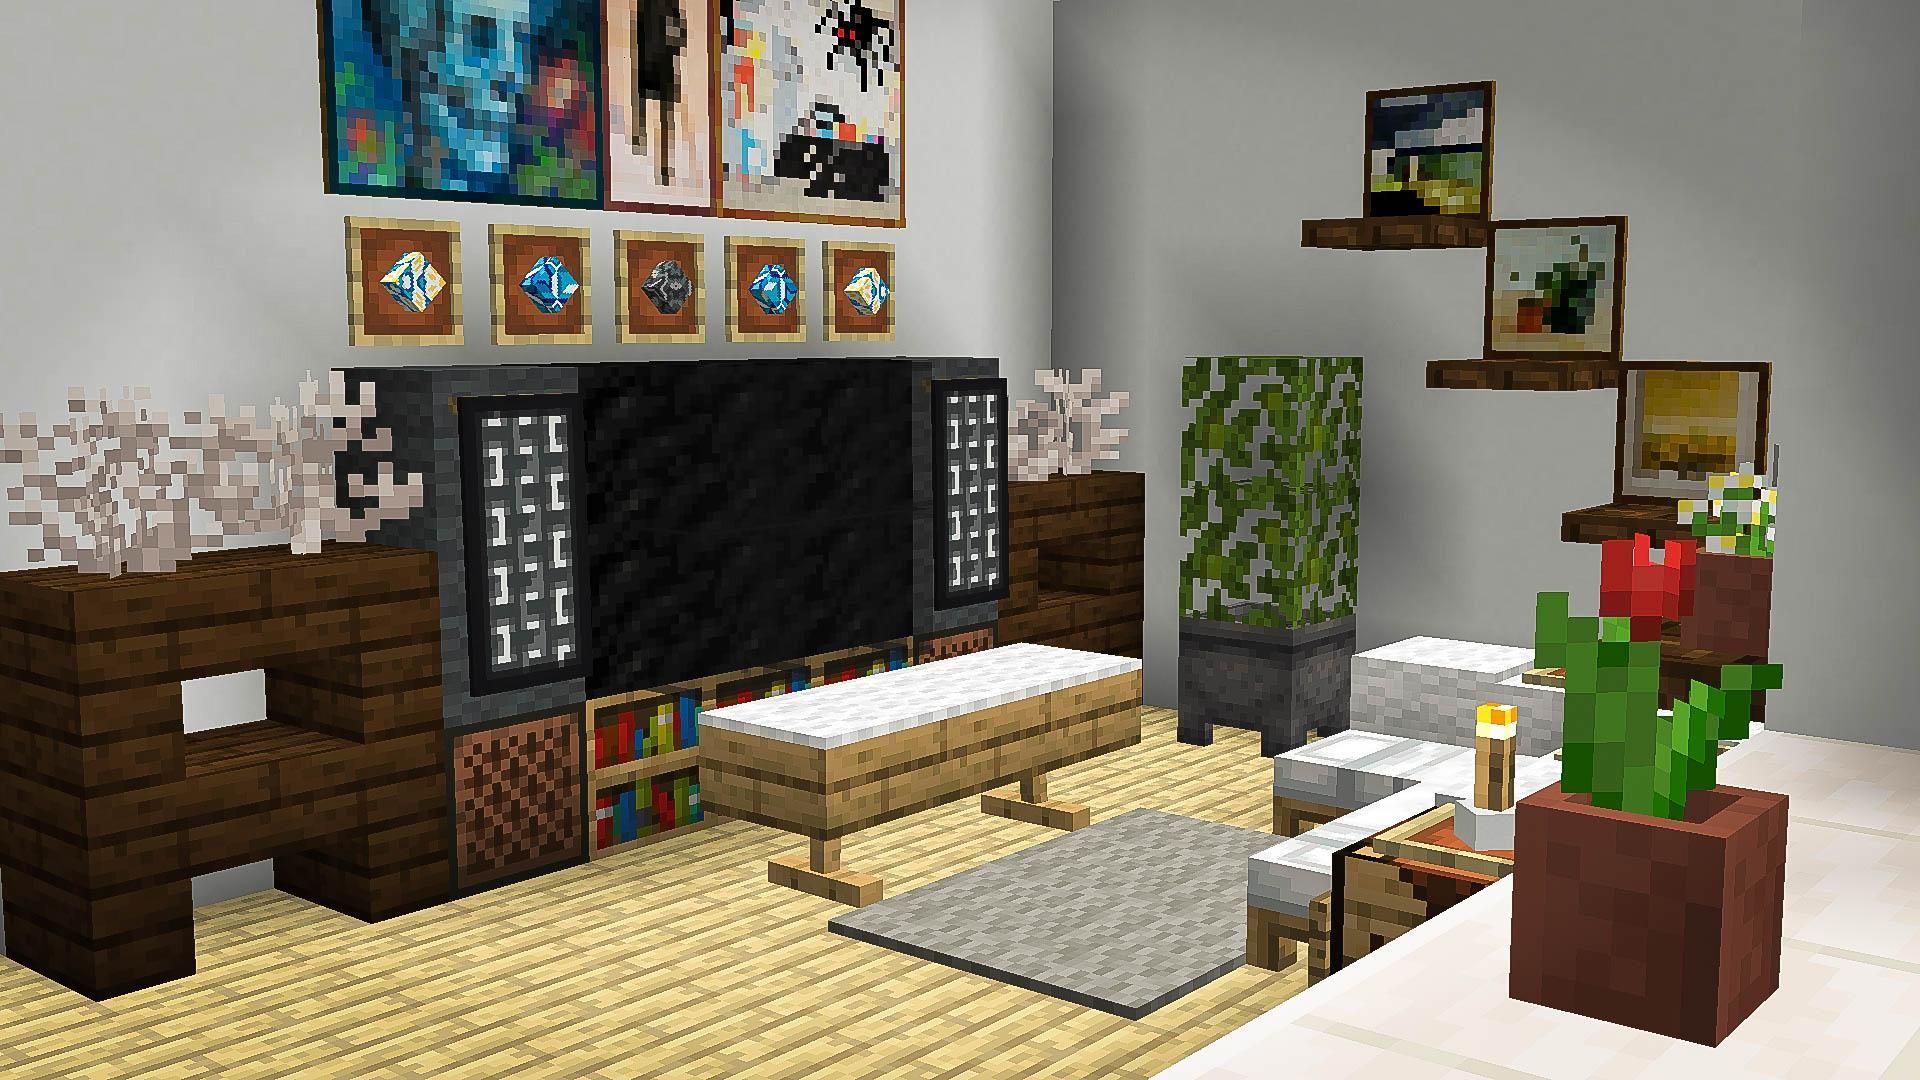 A Bright Living Room Minecraft Minecraft Room Decor Minecraft Room Minecraft Interior Design